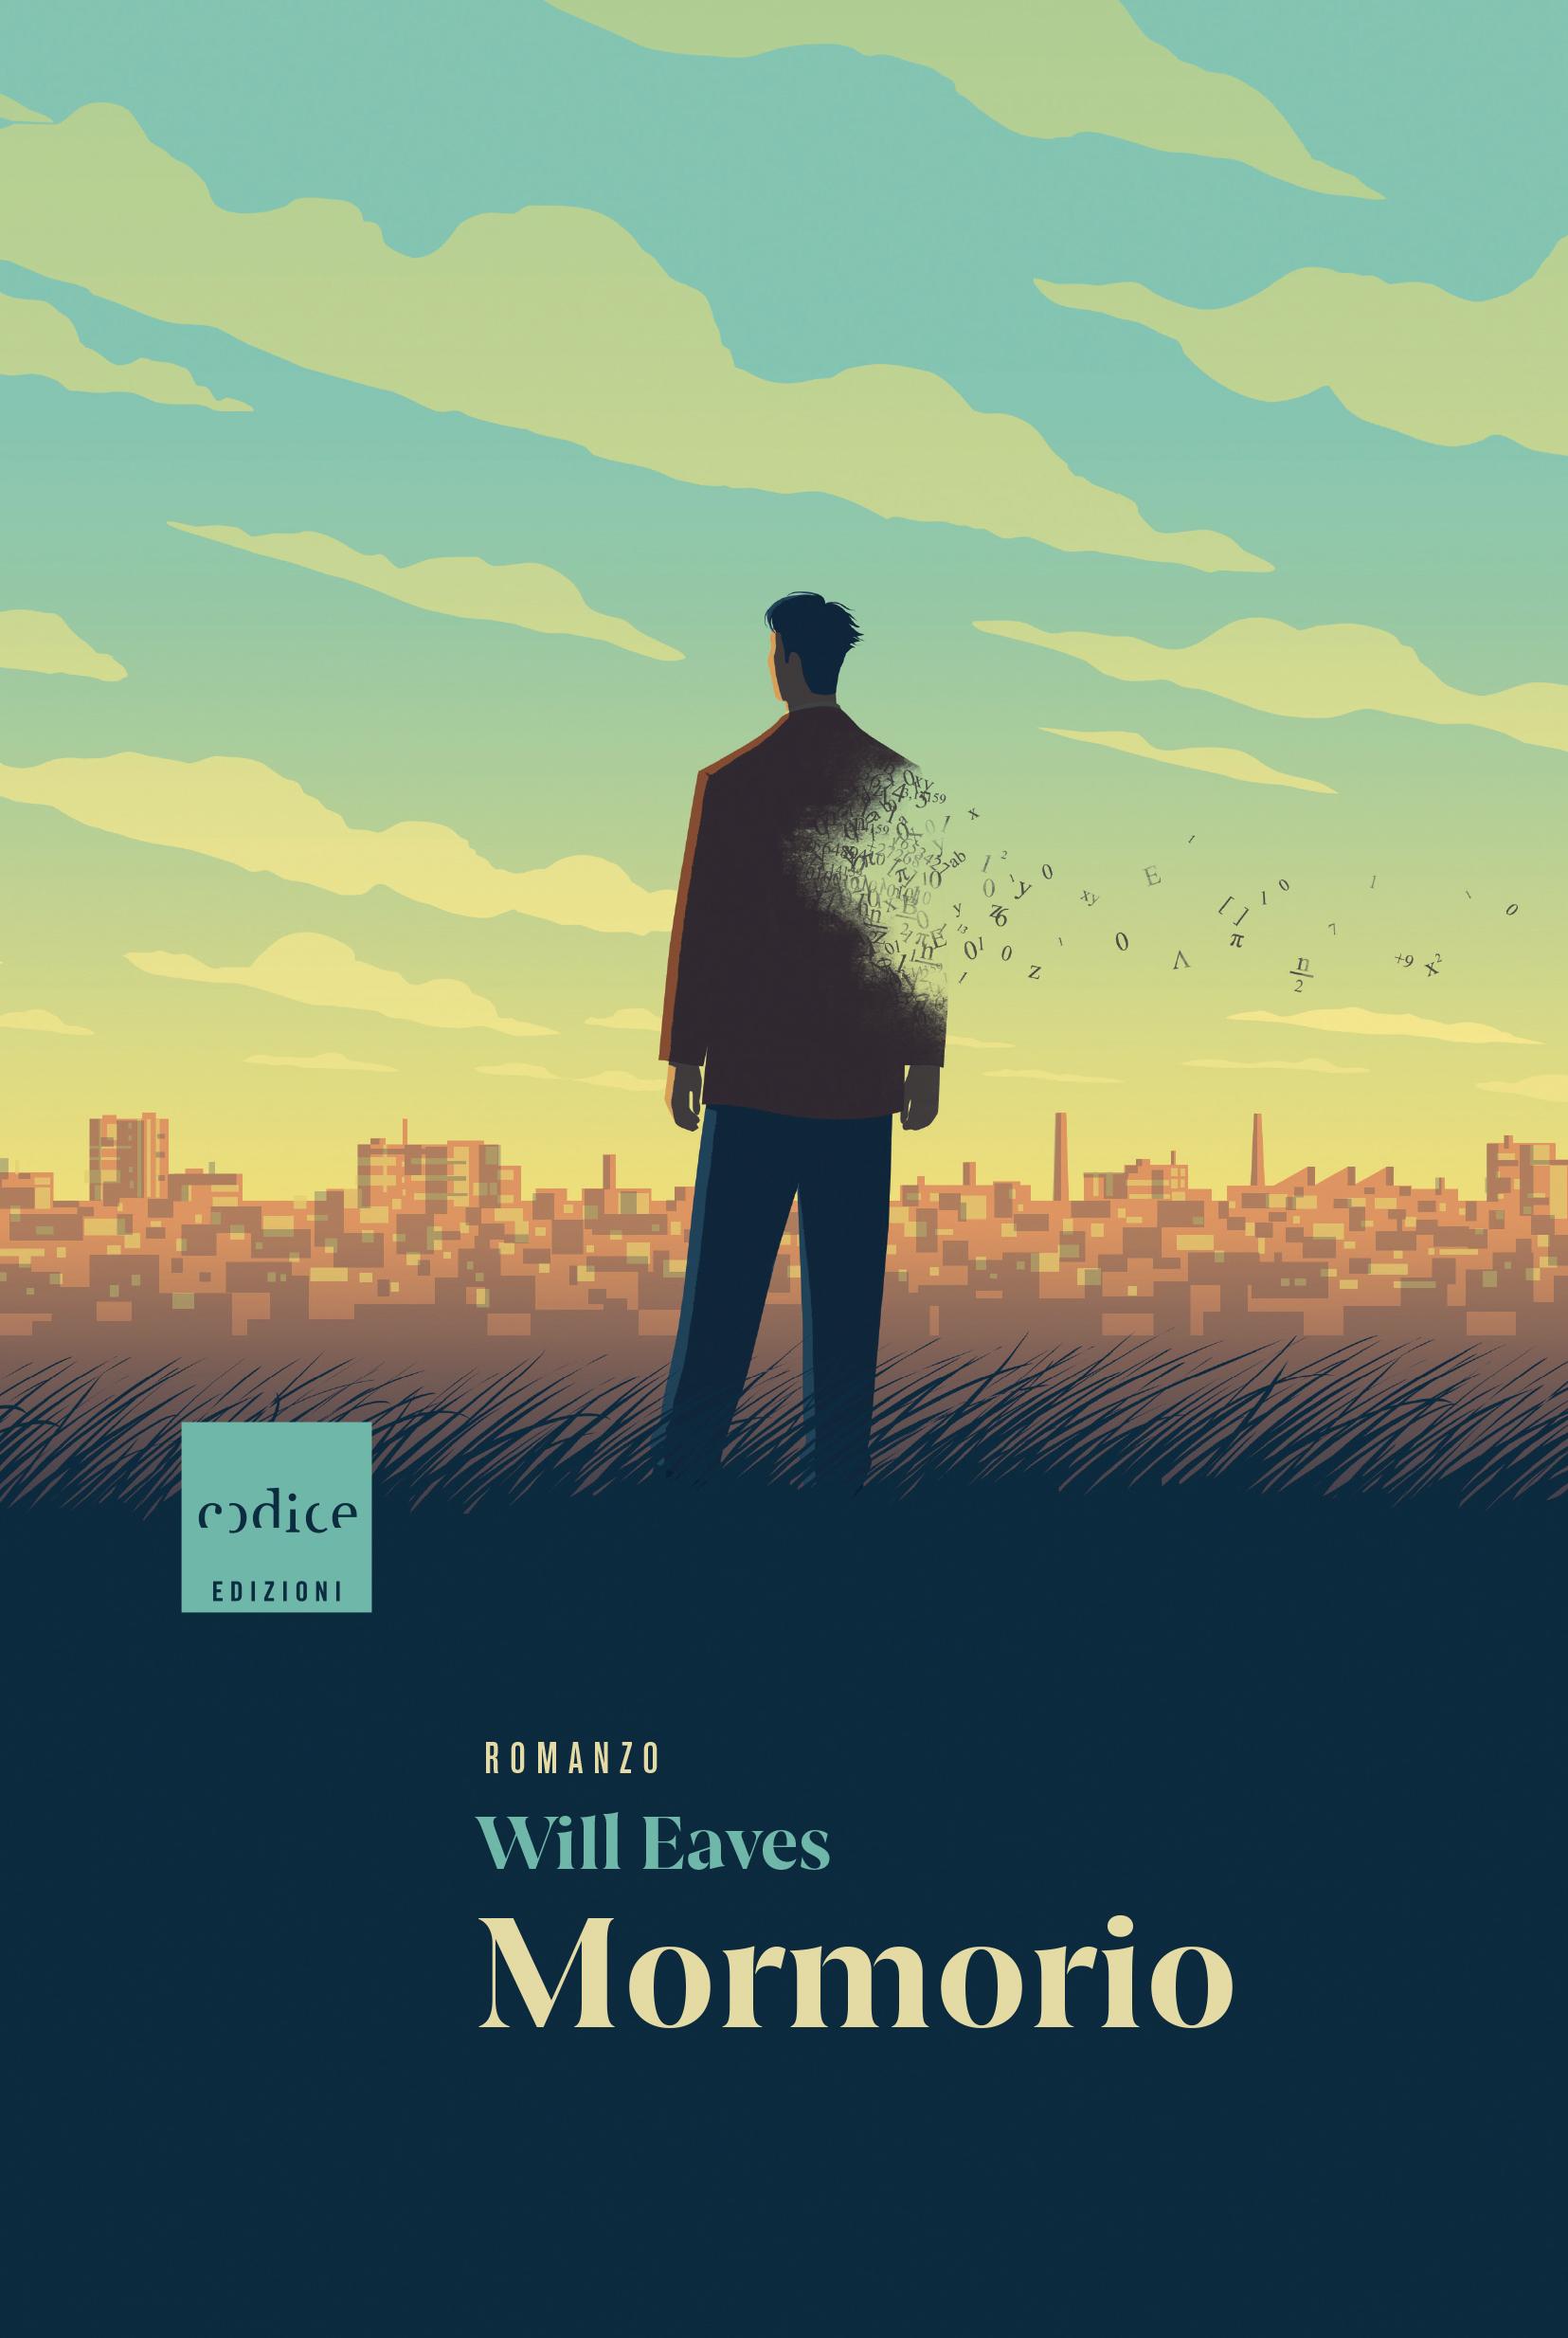 Mormorio Will Eaves - Codice edizioni